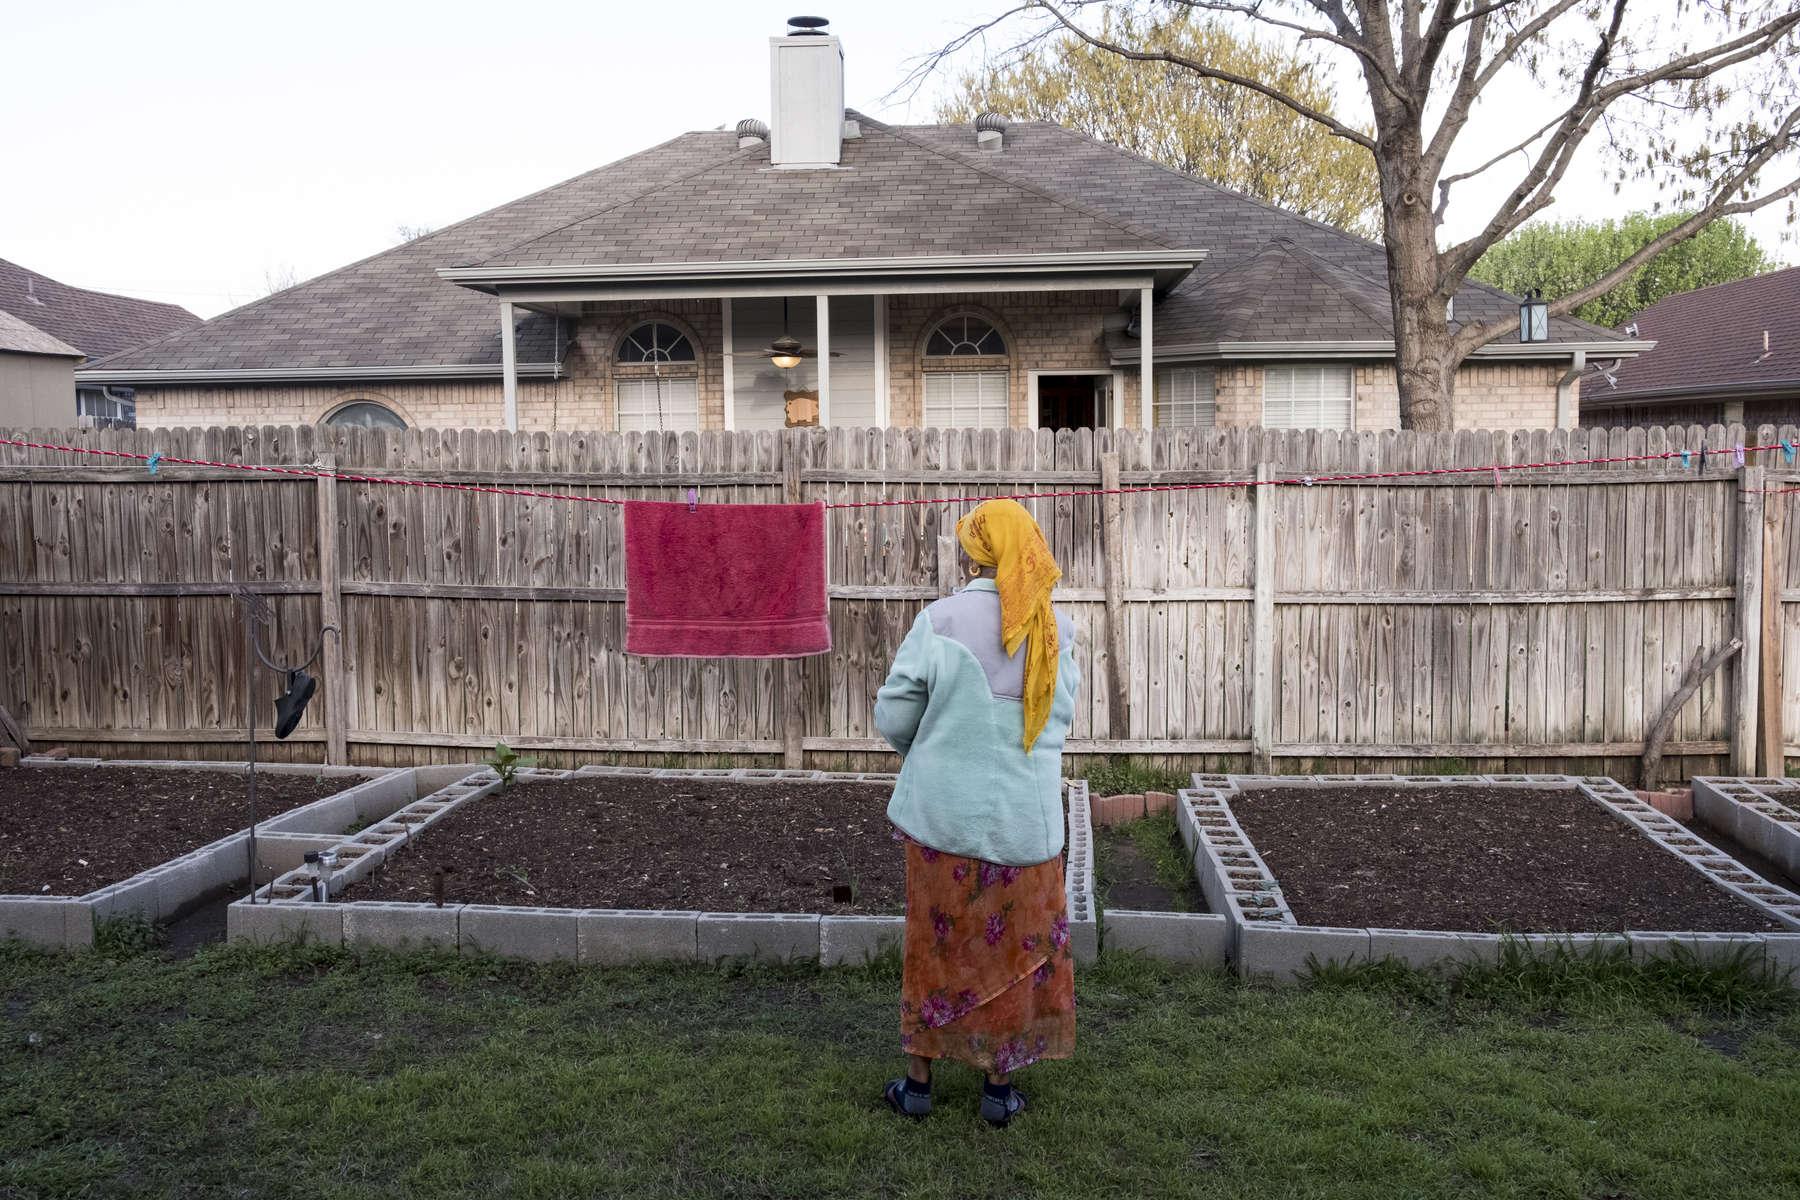 Radika passe la plupart de ses journées à la maison. Elle est à la retraite et touche une pension du gouvernement. Watauga, Texas, Etats-Unis, 2018.